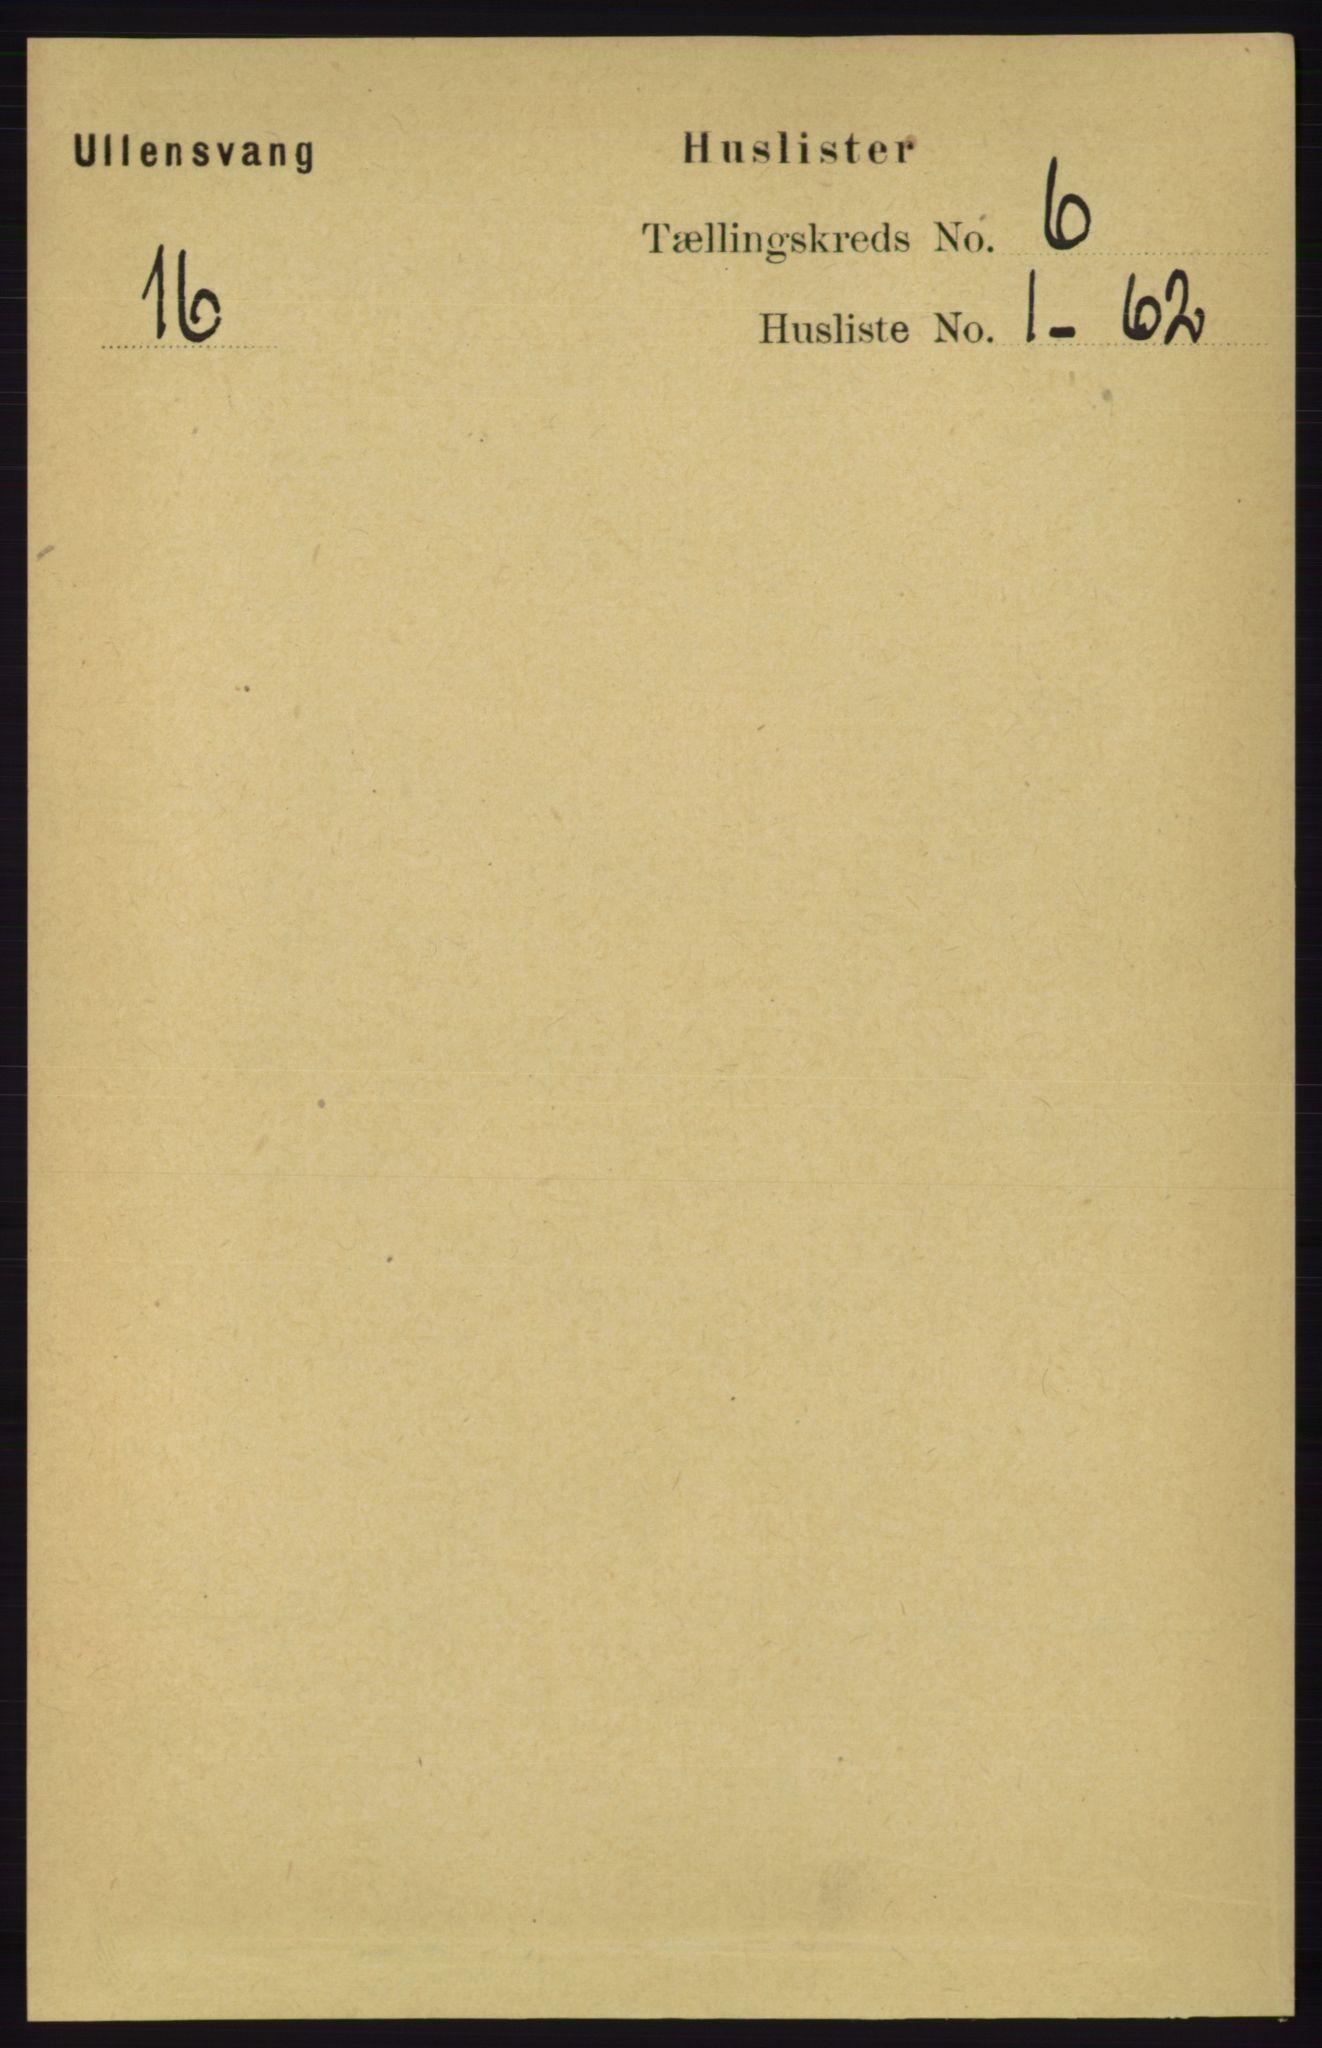 RA, Folketelling 1891 for 1230 Ullensvang herred, 1891, s. 1844